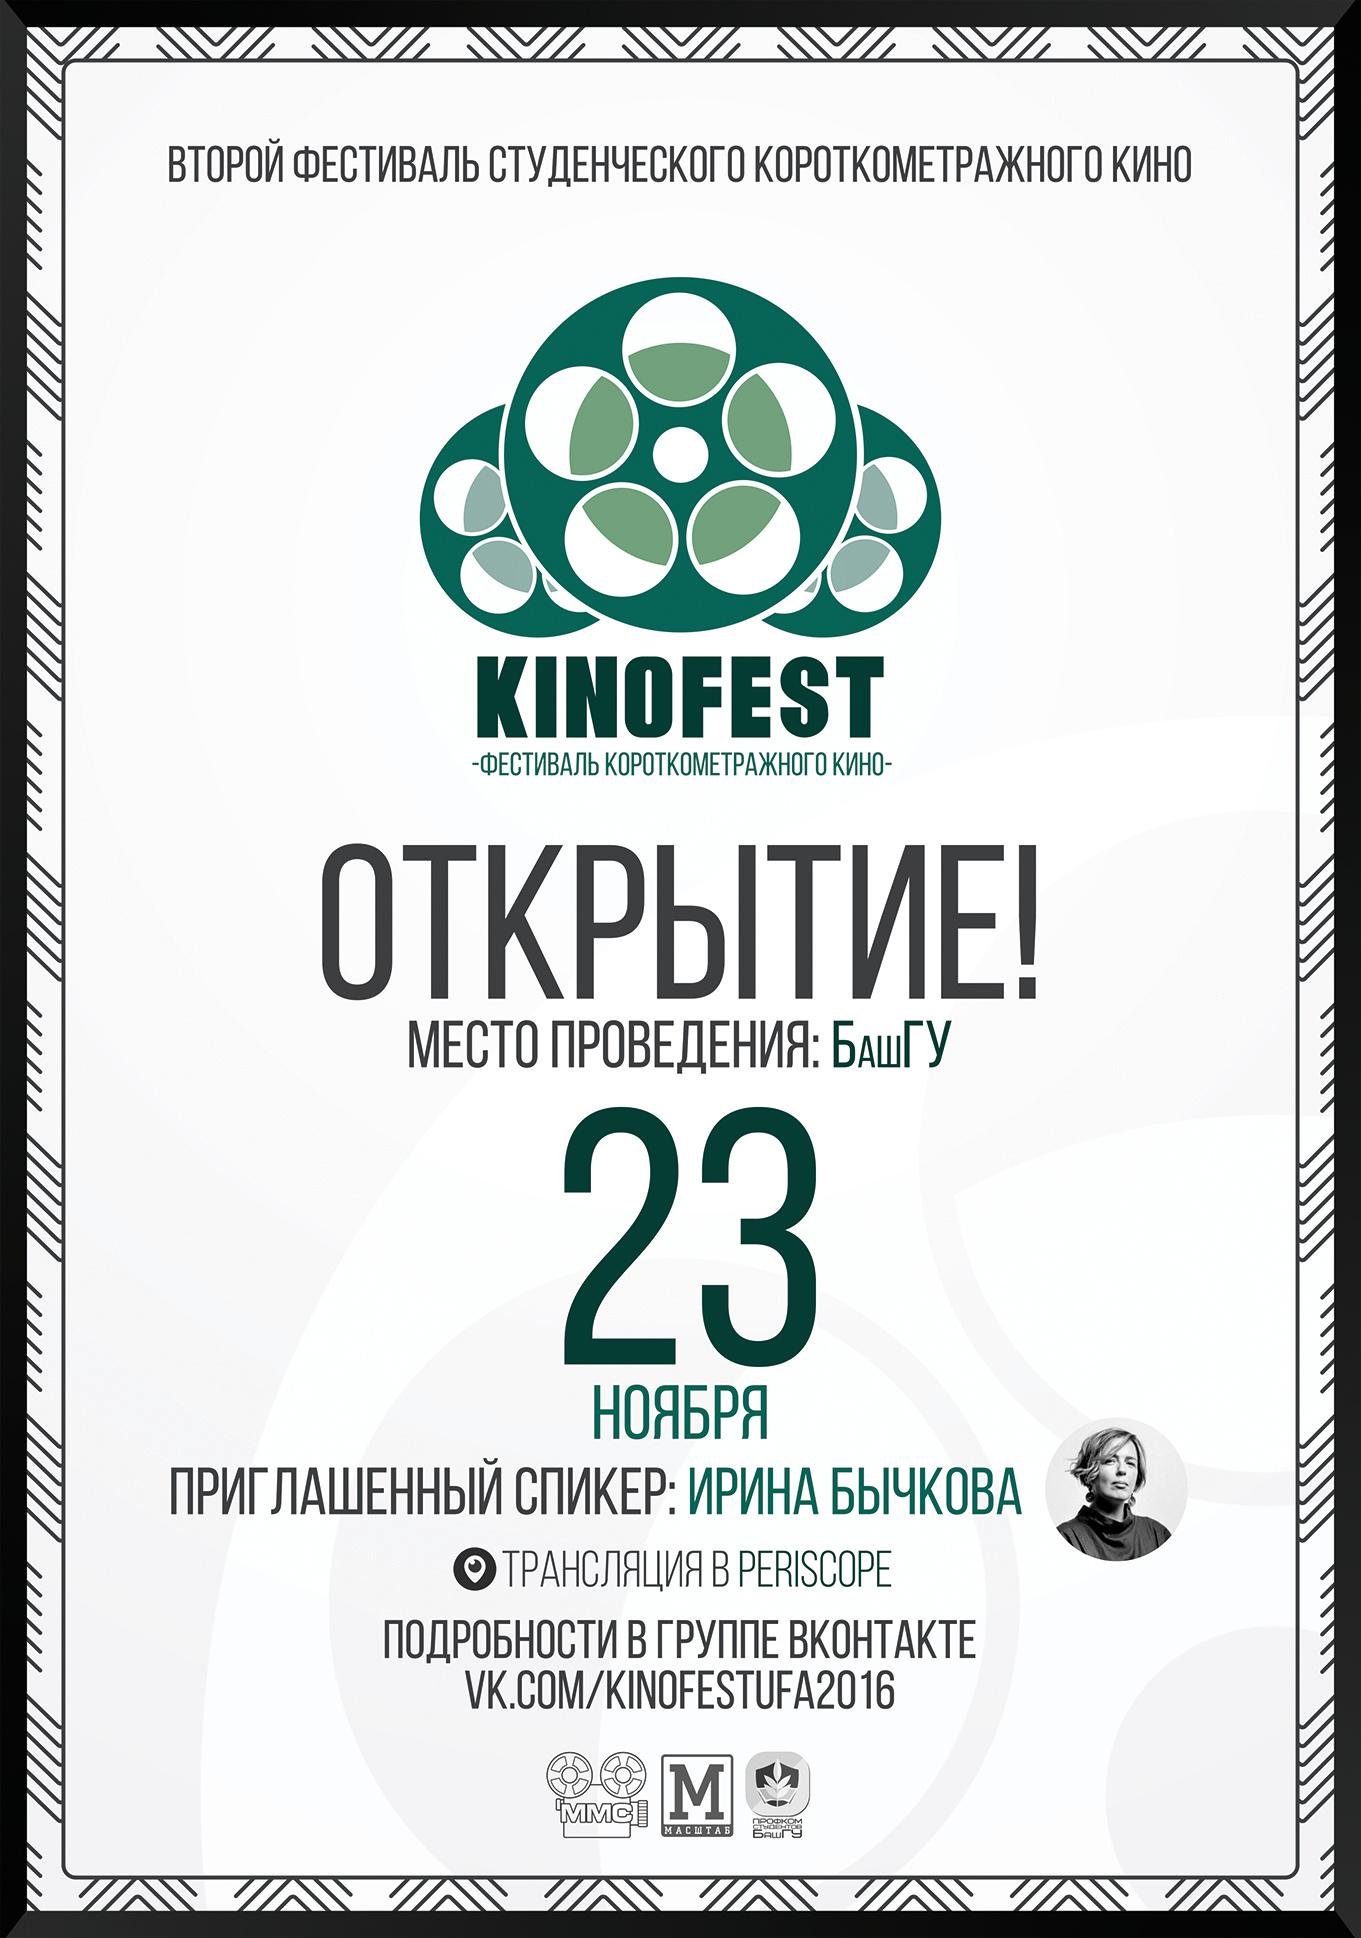 KINOFEST2016